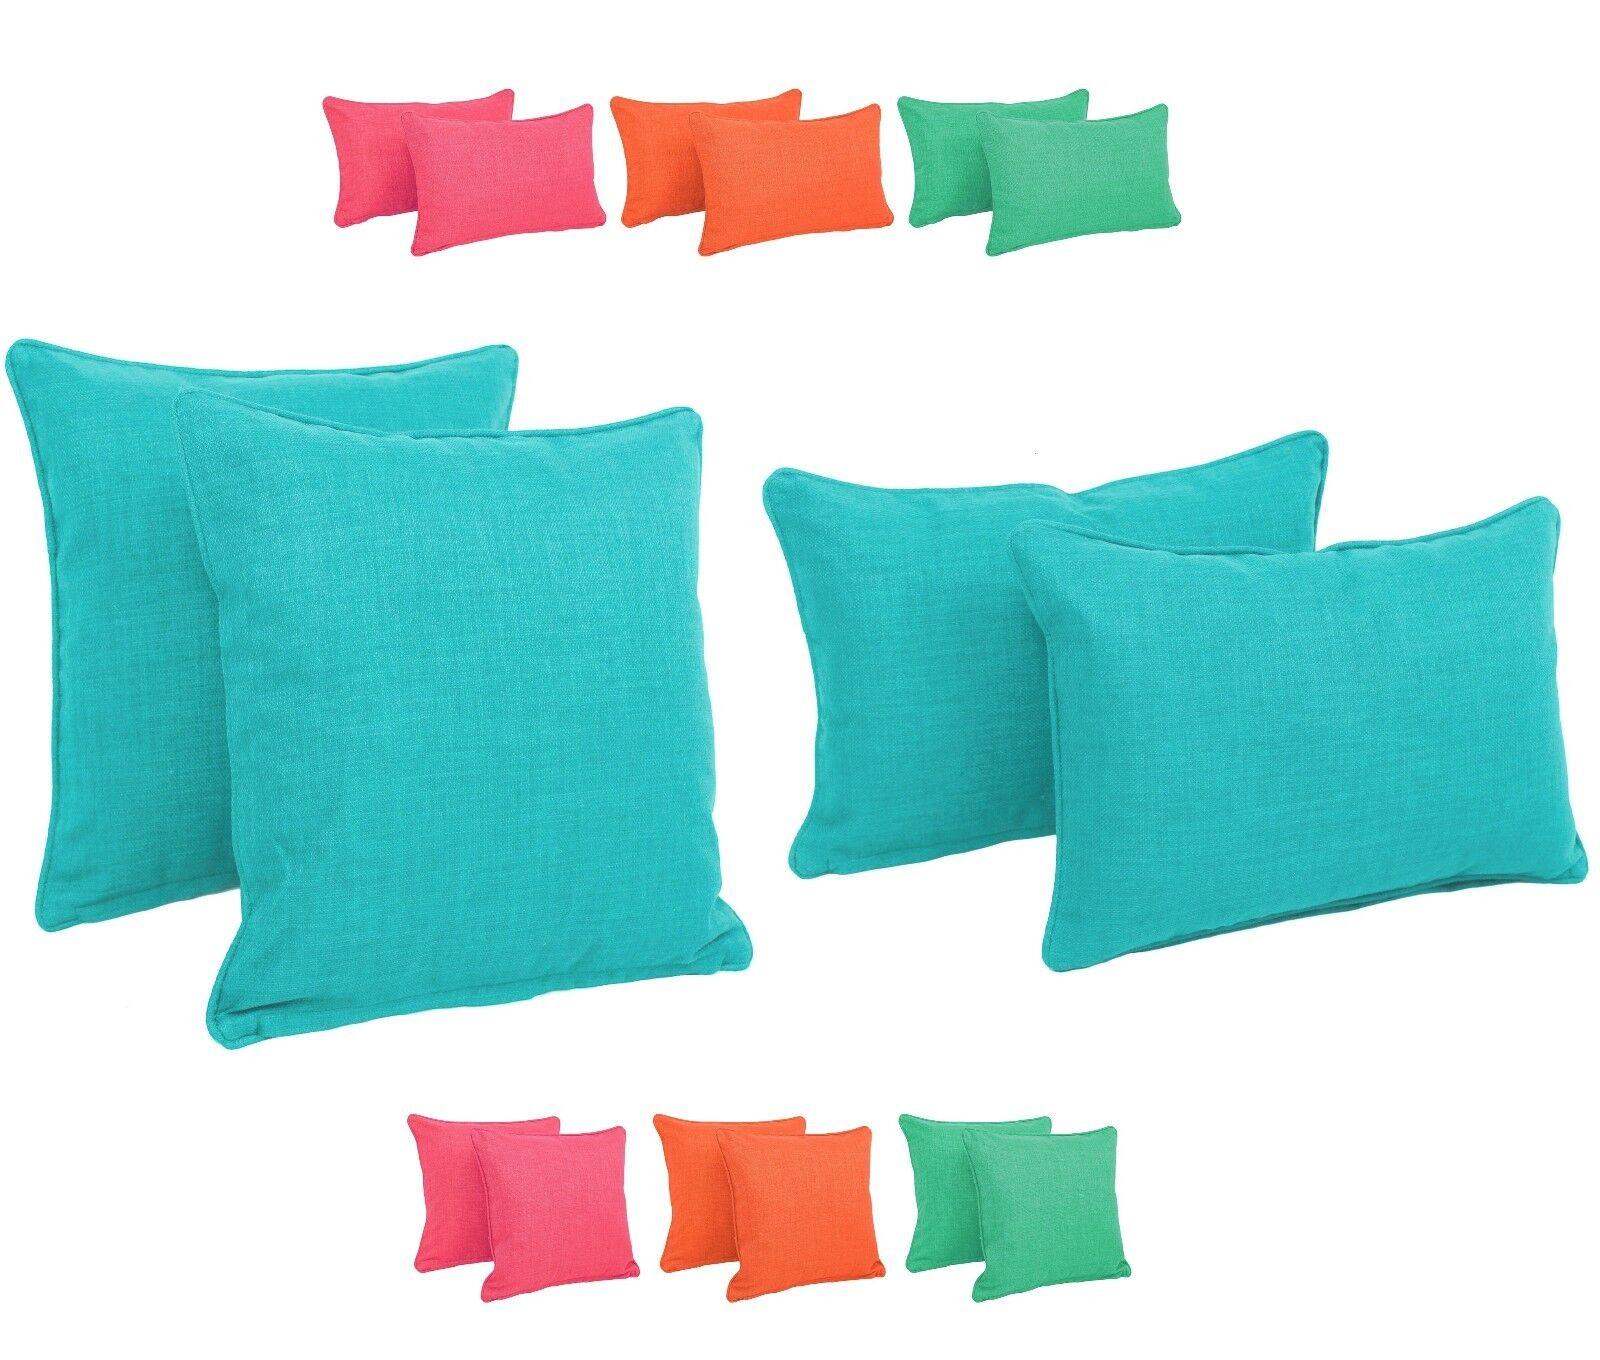 100 polyester sofa throws cindy crawford beachside denim patio throw pillows garden decorative cushions outdoor